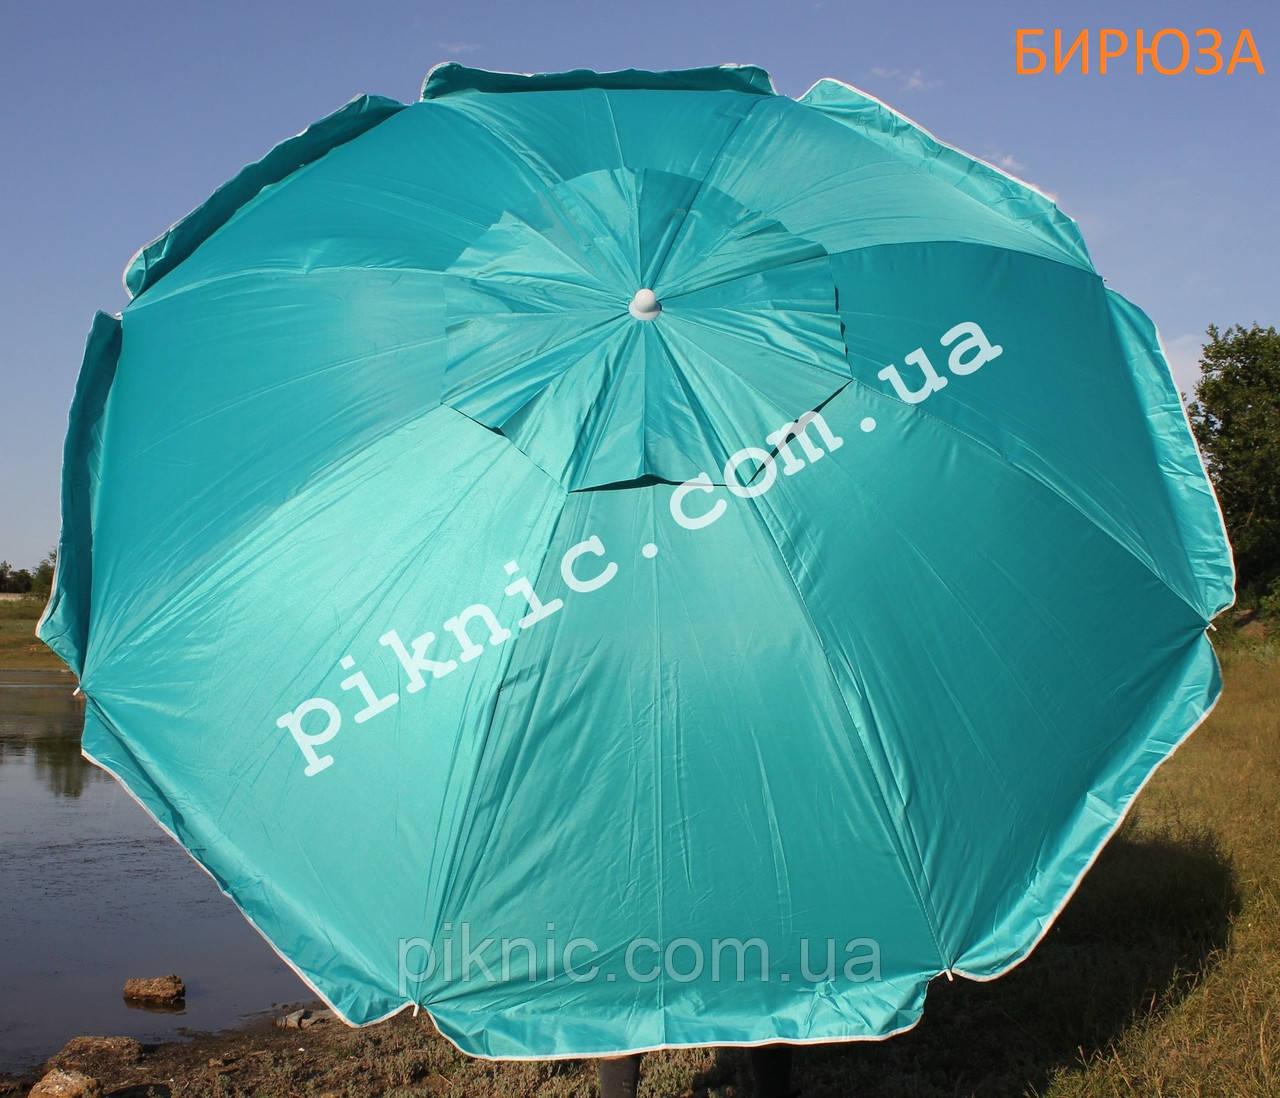 Зонт пляжный Усиленный 2 м Клапан + Наклон + Напыление. Для пляжа, от солнца. Спицы ромашка. Бирюза